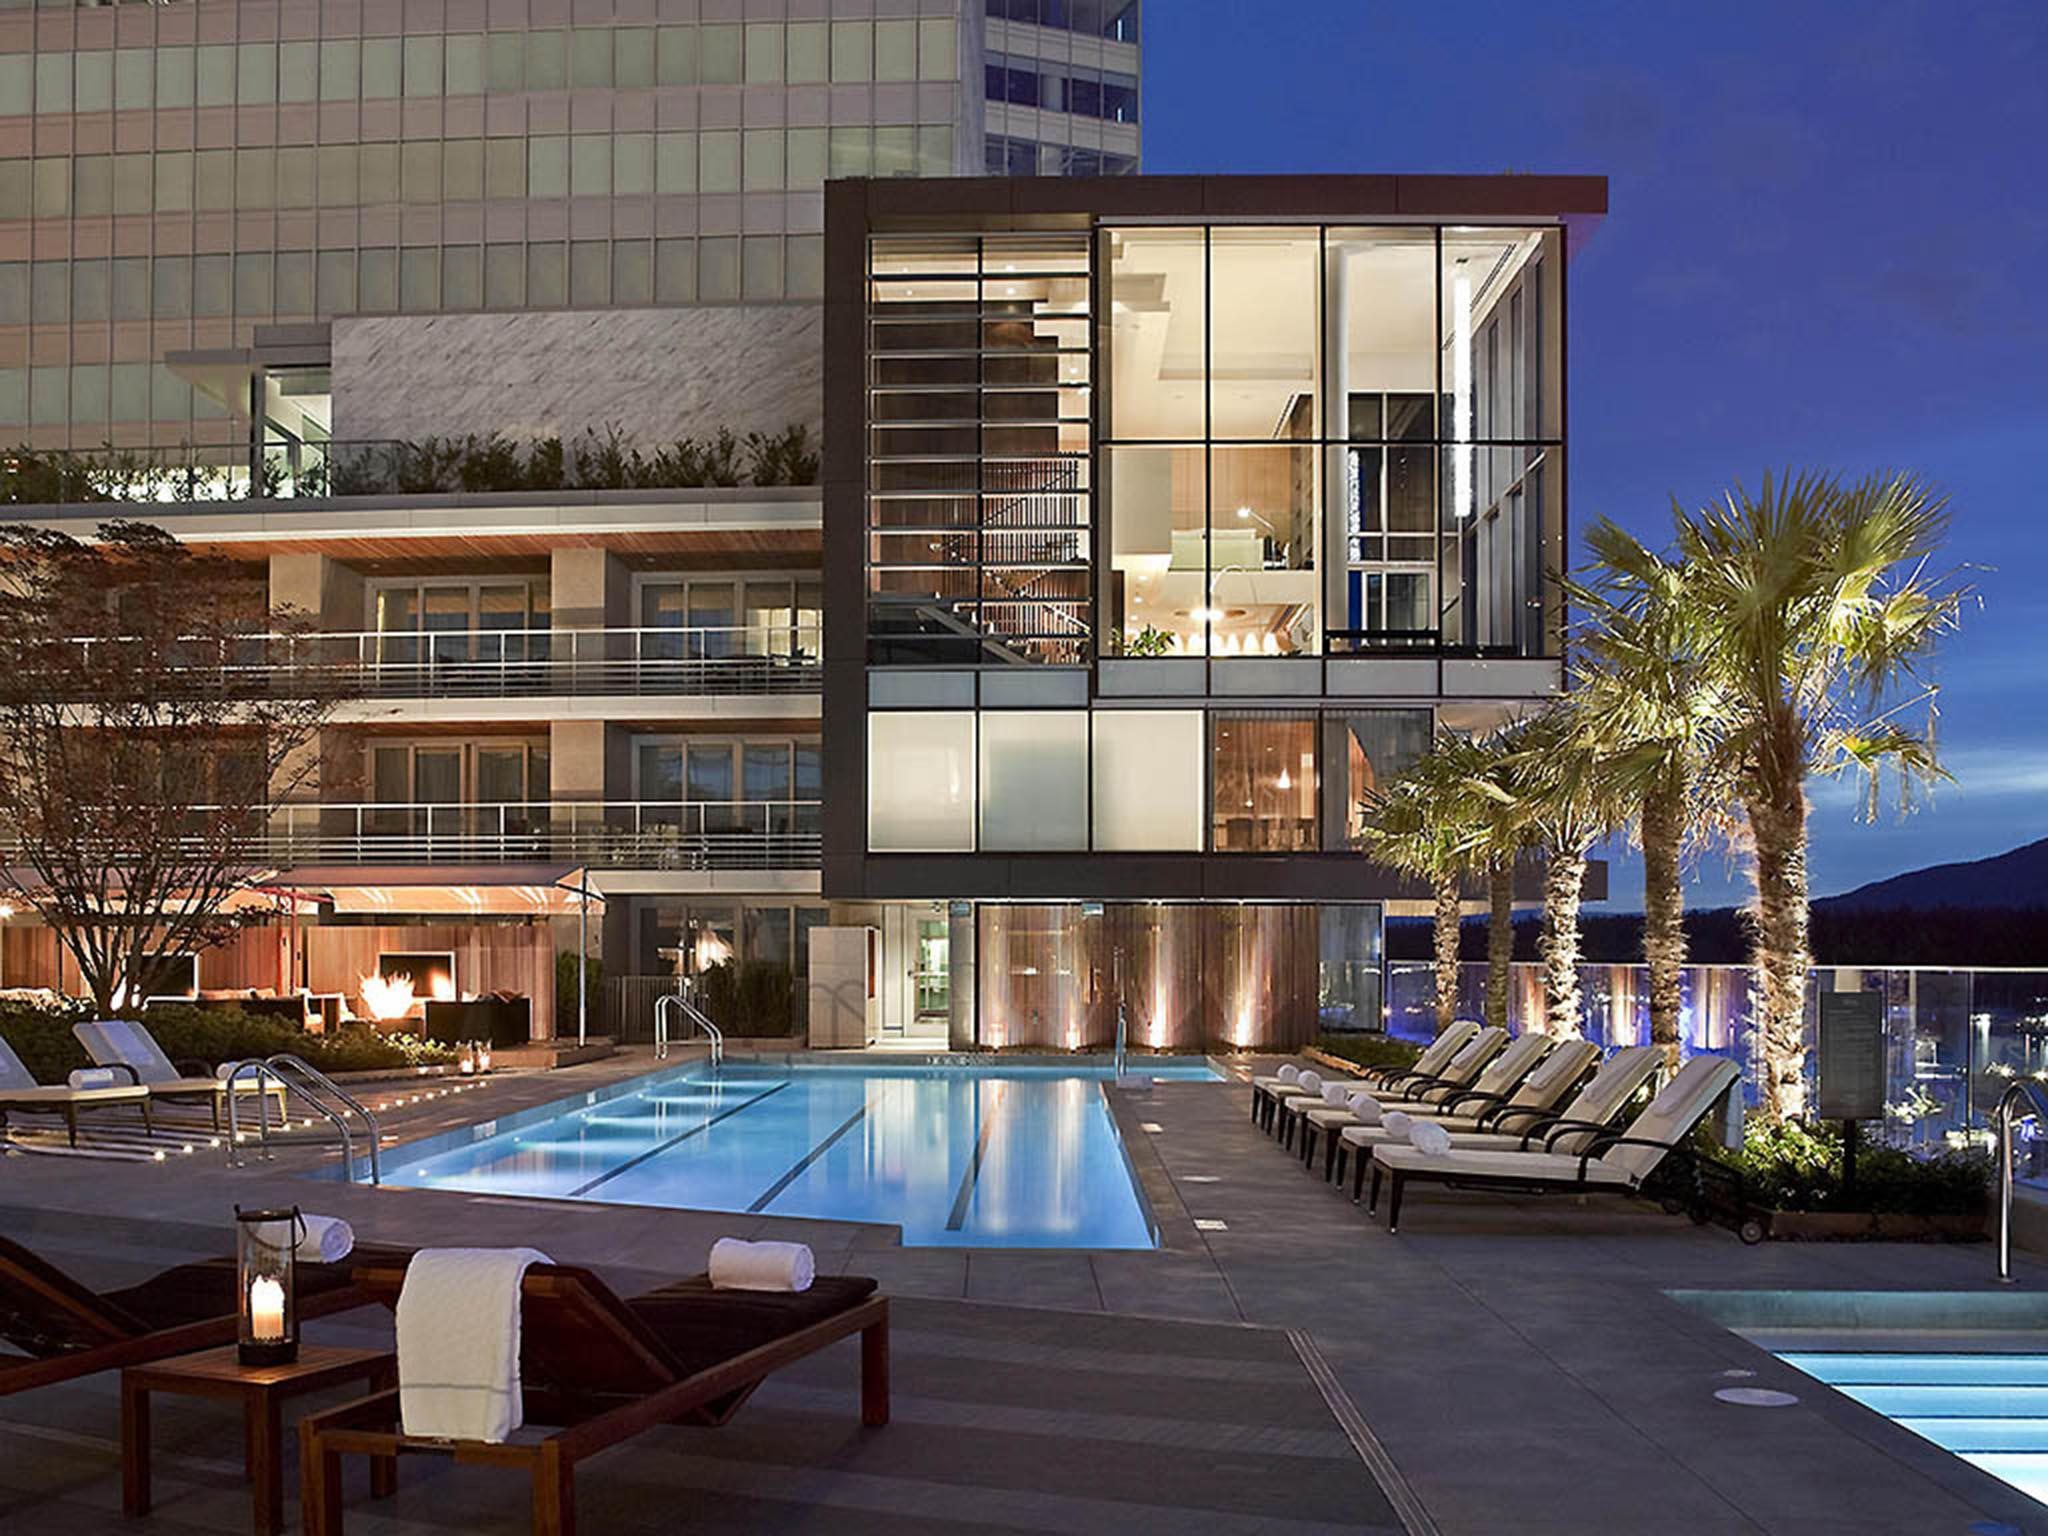 Hotel - Fairmont Pacific Rim